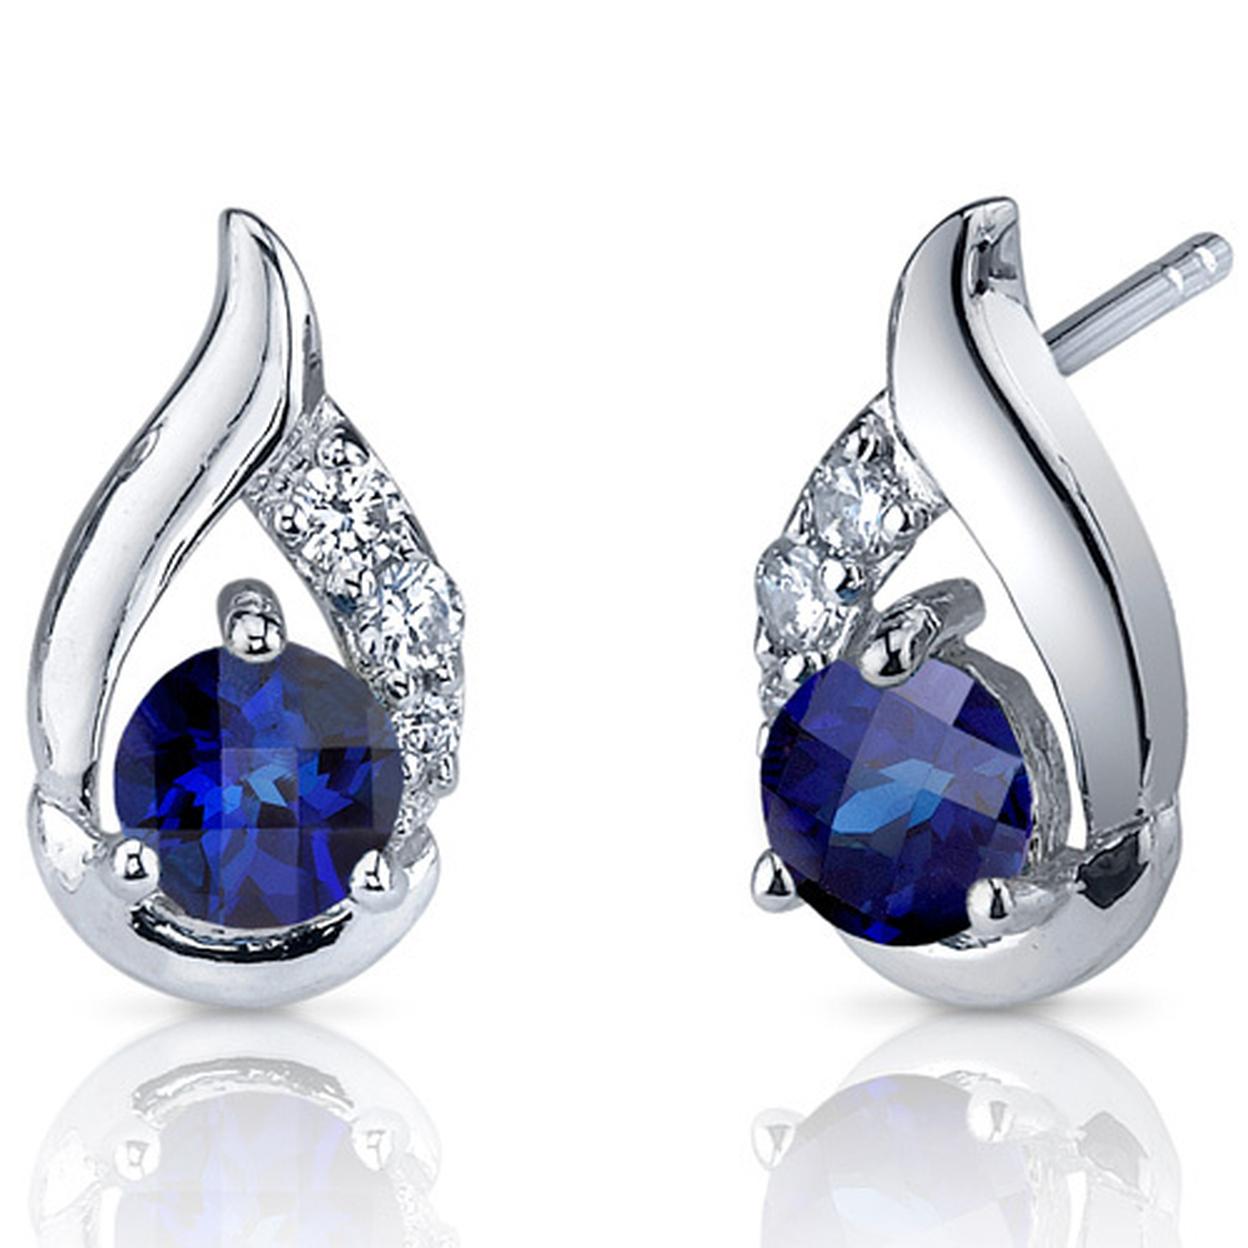 Radiant Teardrop 1.50 Carats Blue Sapphire Round Cut Cz Earrings In Sterling Silver Style Se7324